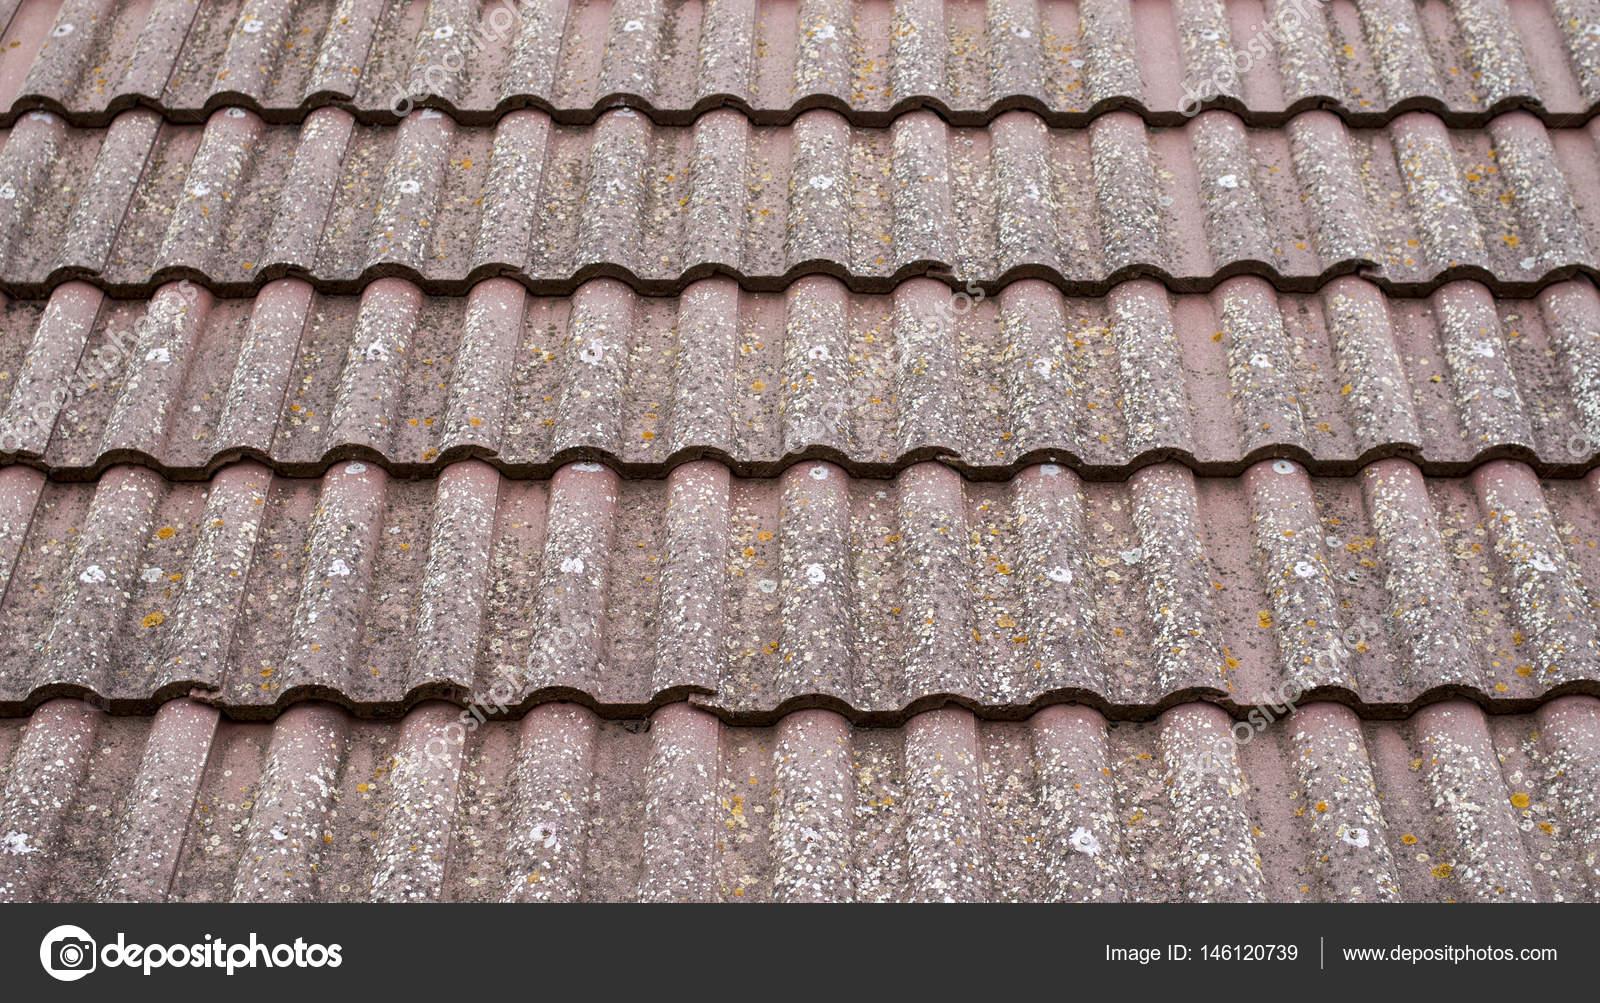 Vecchio tetto con piastrelle in ceramica closeup u2014 foto stock